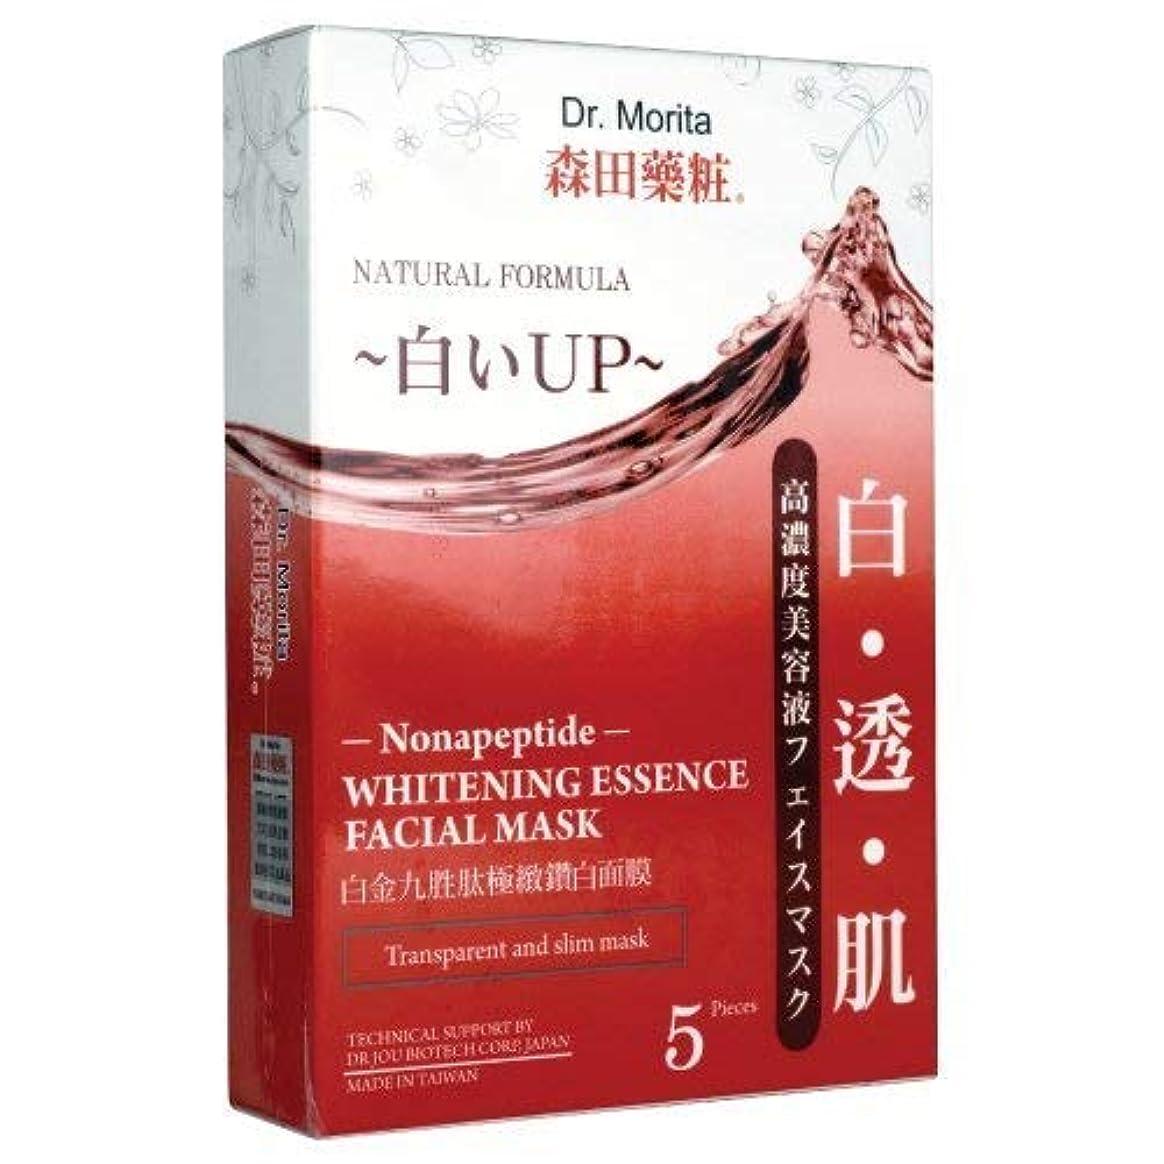 重量きしむ役に立つDoctor Morita 皮膚はしなやかでしっとりするようにナノペプチドは、マスク5皮膚とのバランス肌の水分レベルをホワイトニング。